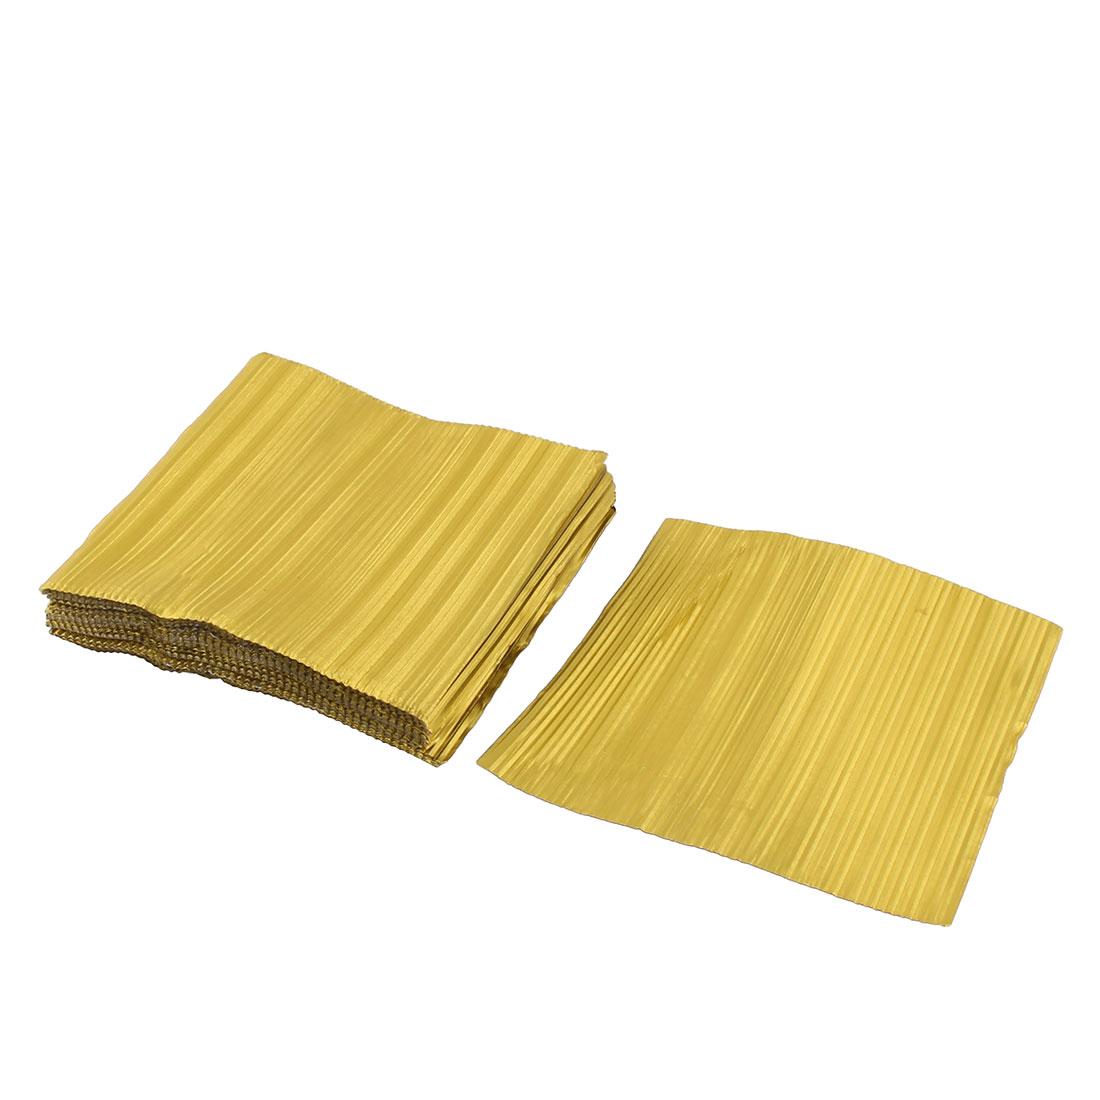 Aluminum Foil Disposable Wrap Chocolate Tinfoil Paper Yellow 11 x 11cm 100pcs